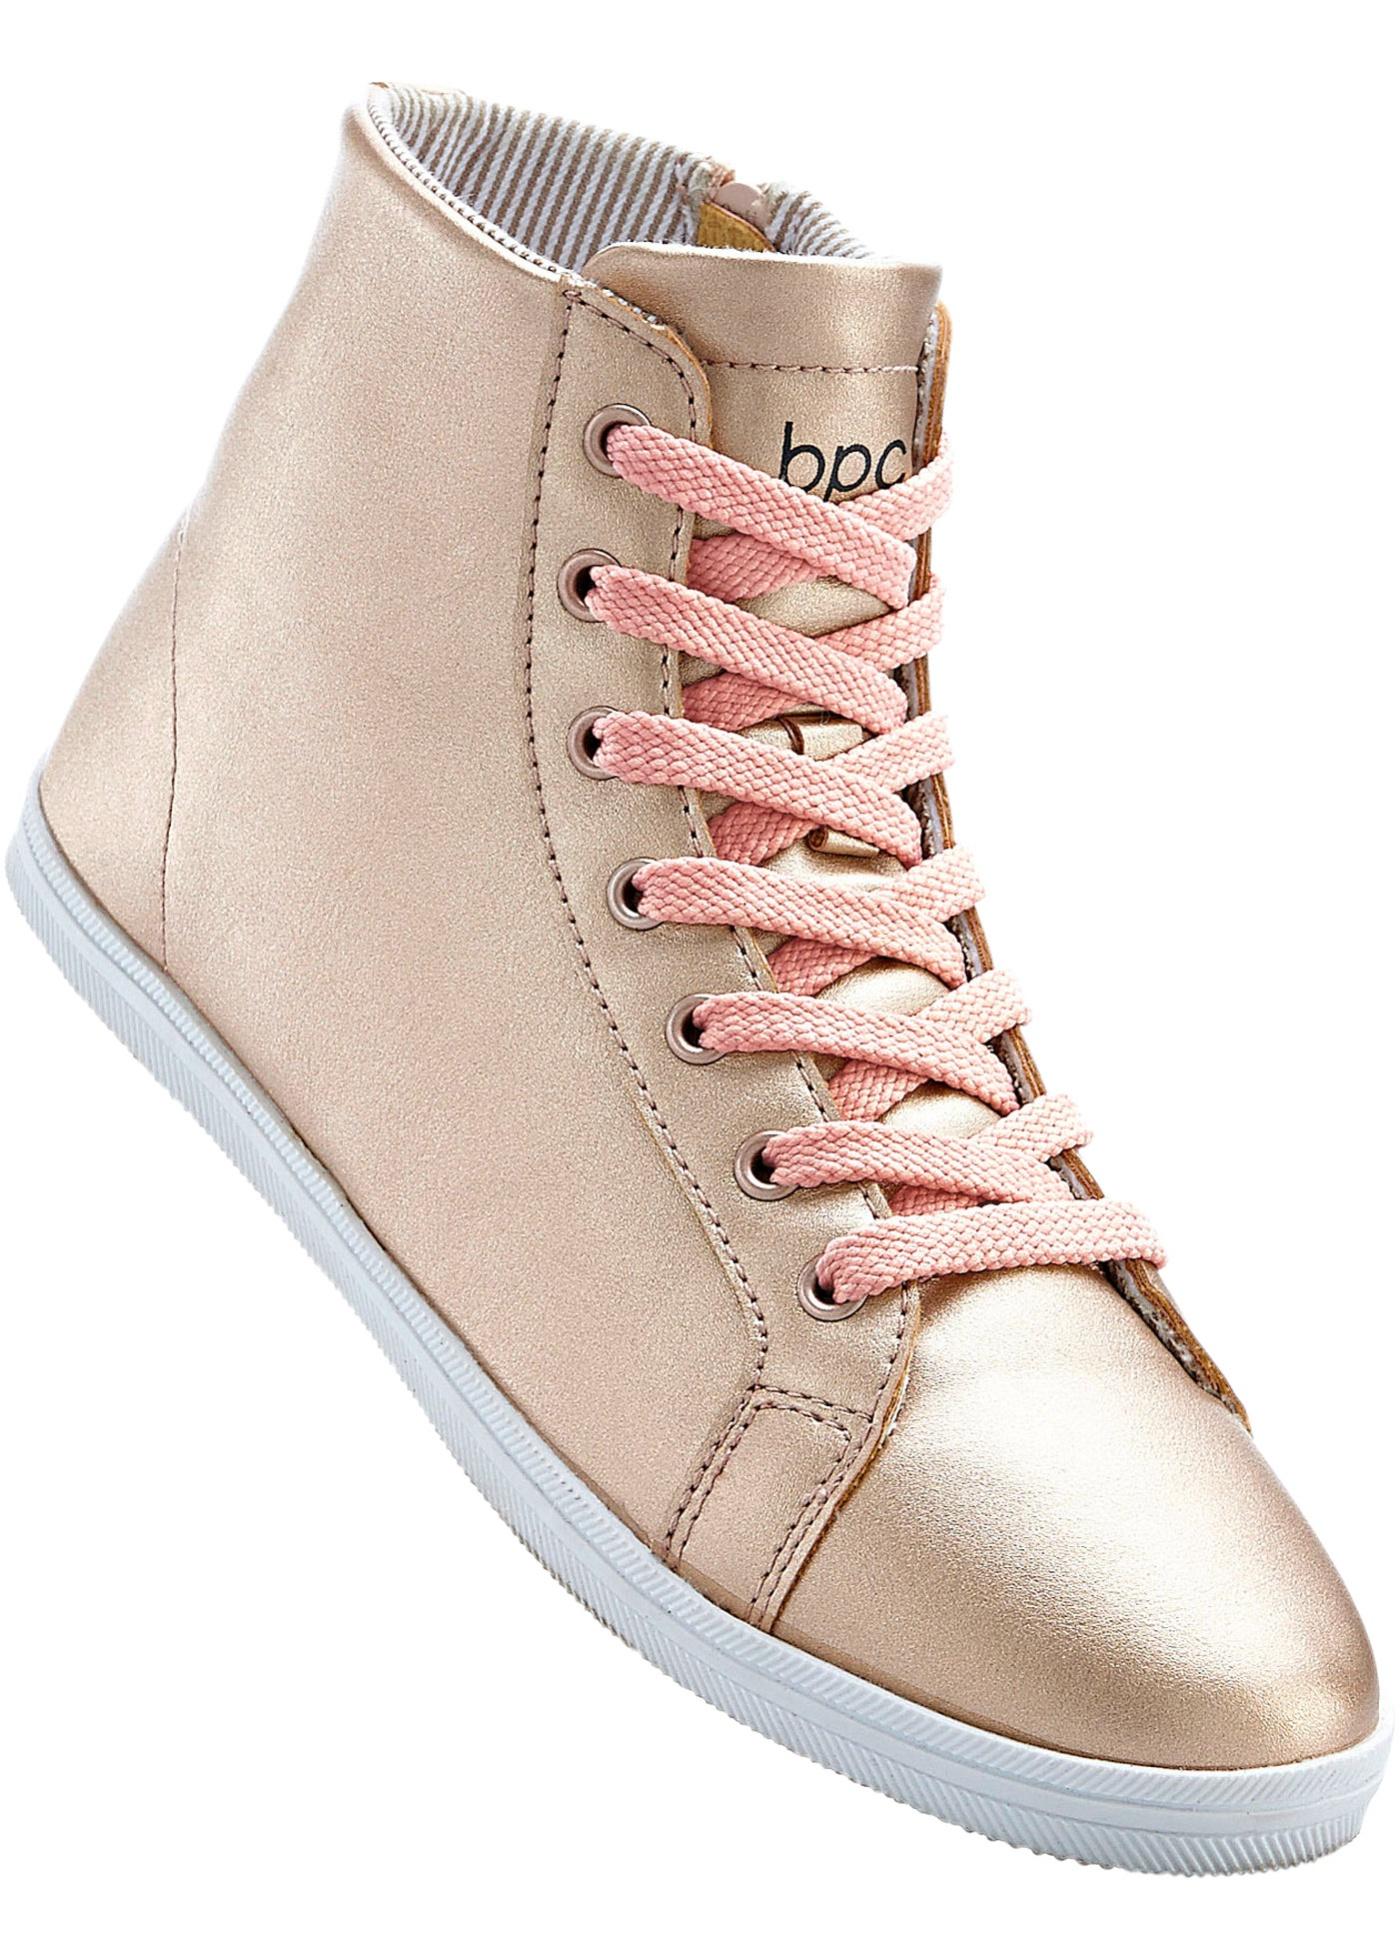 Sneakers à lacets avec zip sur le côté, look métallique, semelle extérieure légèrement profilée.